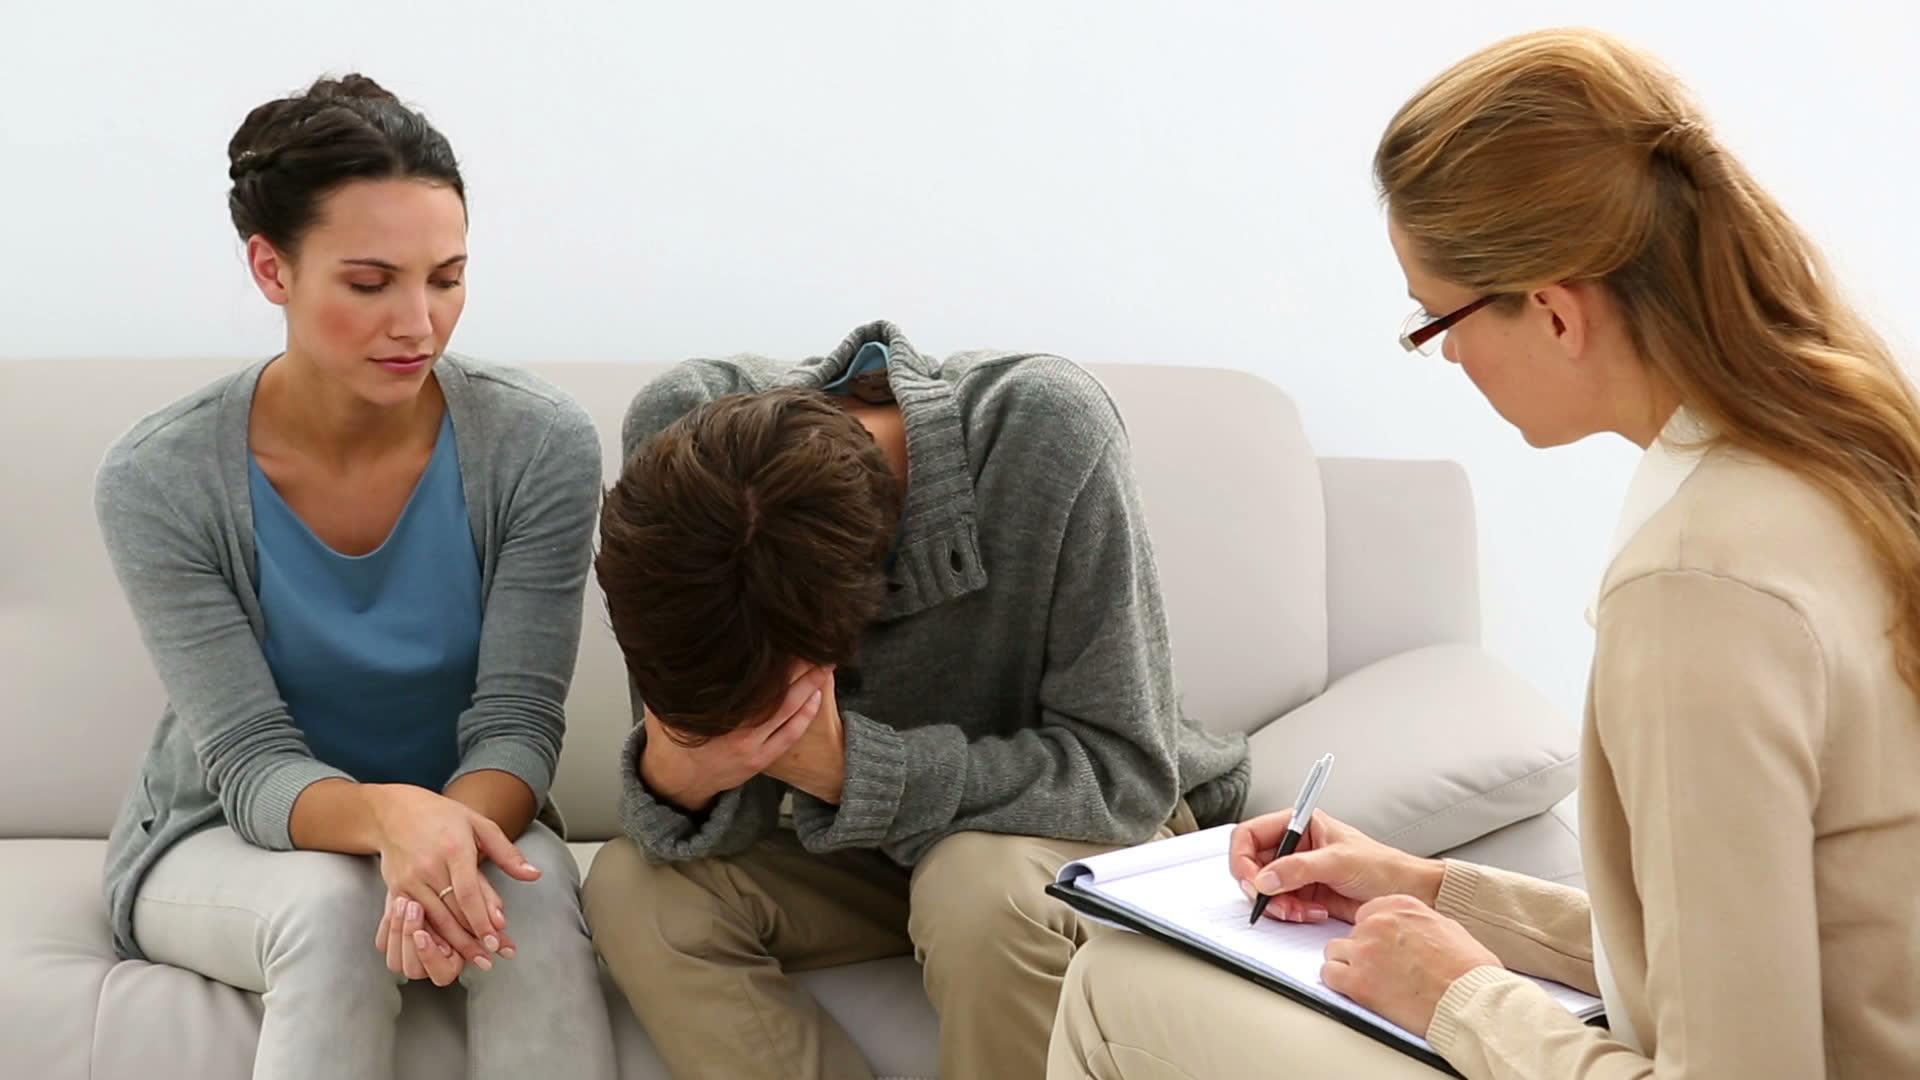 Şizofreni Rehabilitasyonunda Klinikten Eve Uzanan Yol